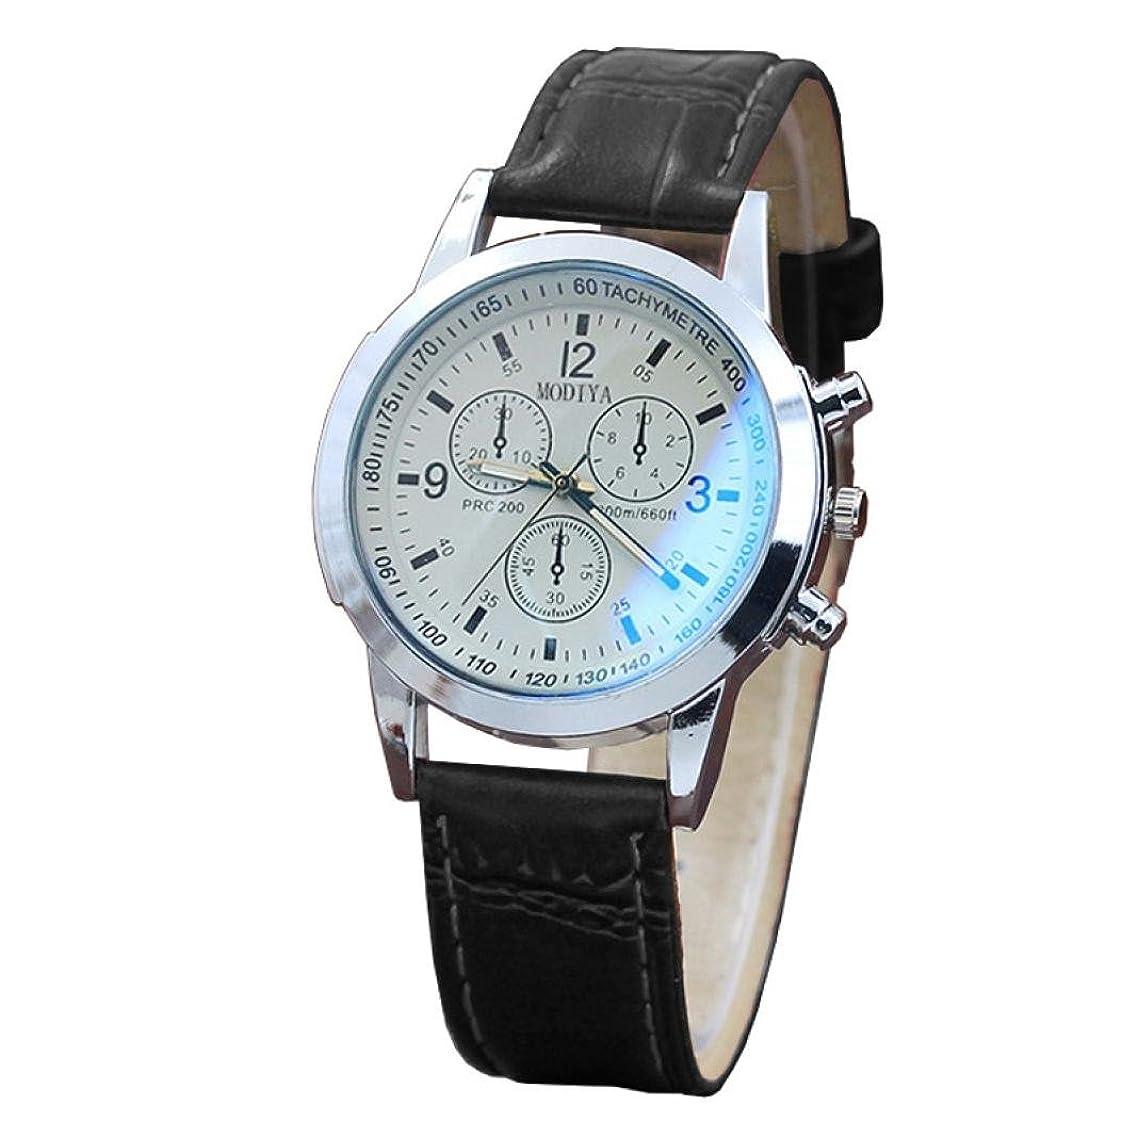 穿孔する必要性工業化するAnkola手首腕時計、Manファッションウォッチイミテーションレザーレトロバンドアナログ合金クォーツ時計 20mm B